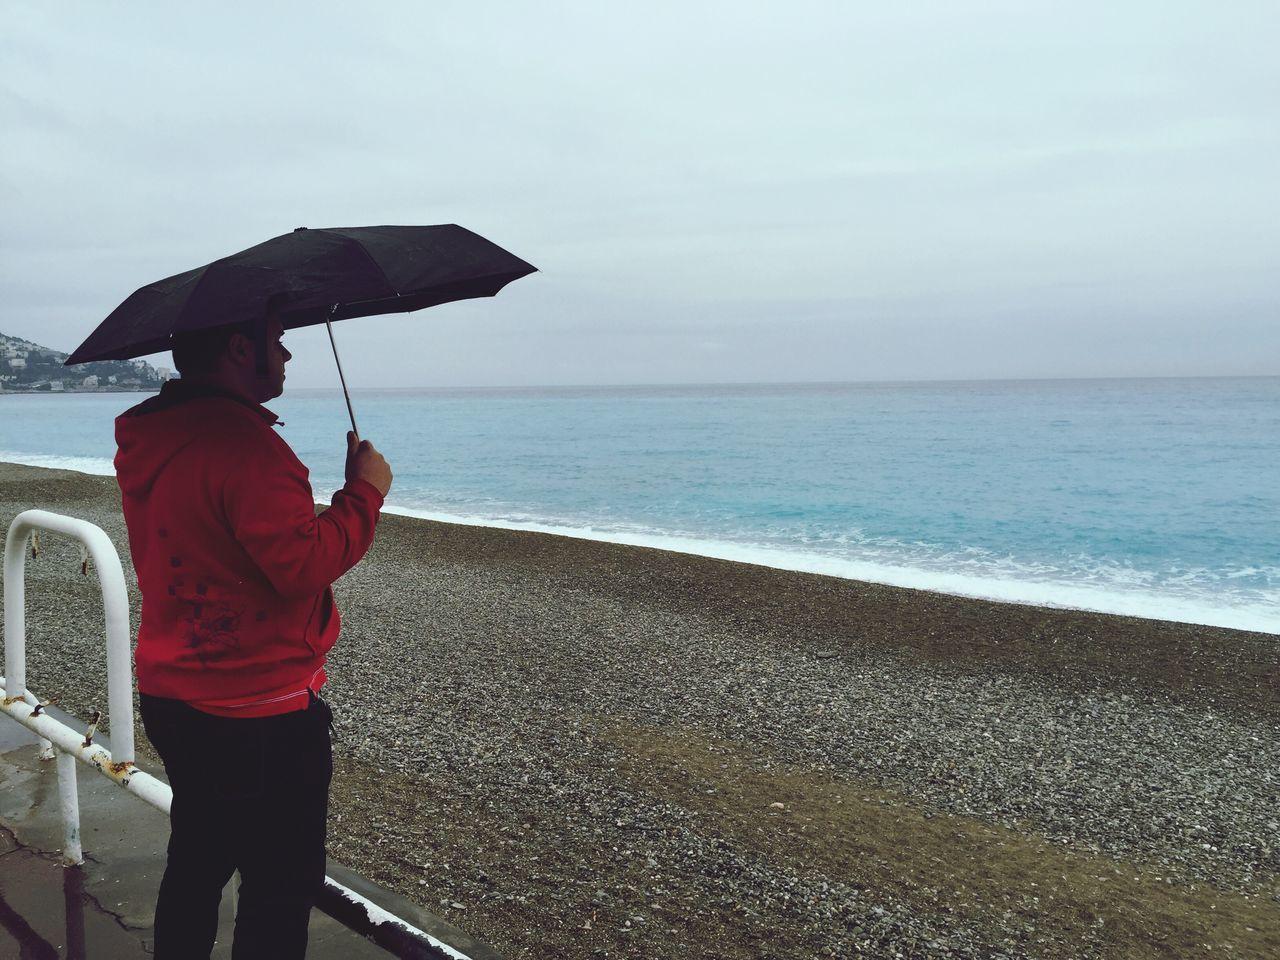 Rain Sea Person